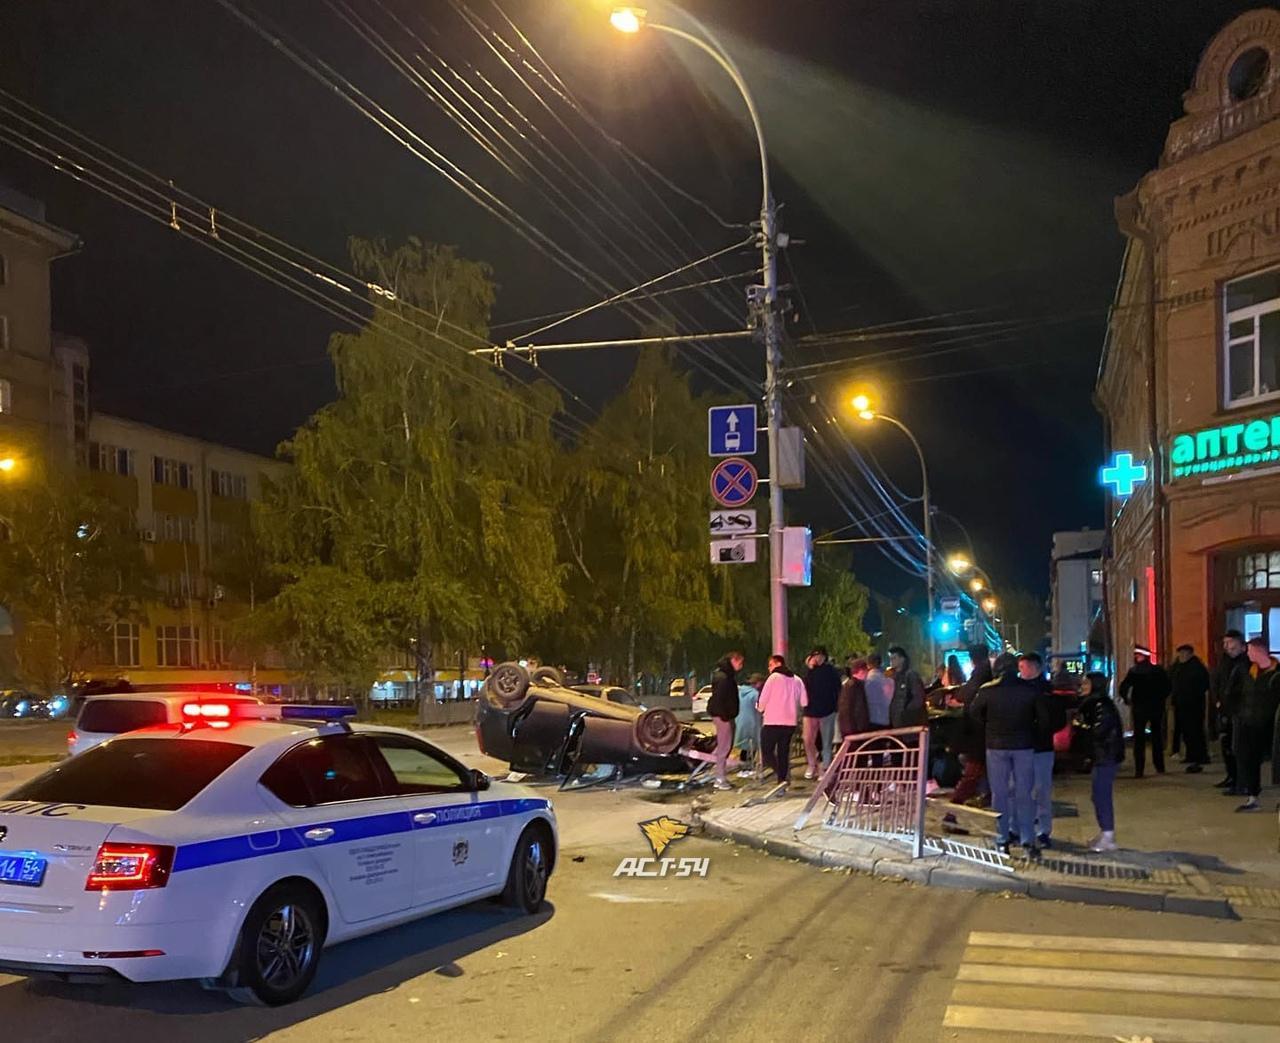 Фото Автомобиль перевернулся на крышу после ДТП в центре Новосибирска 2